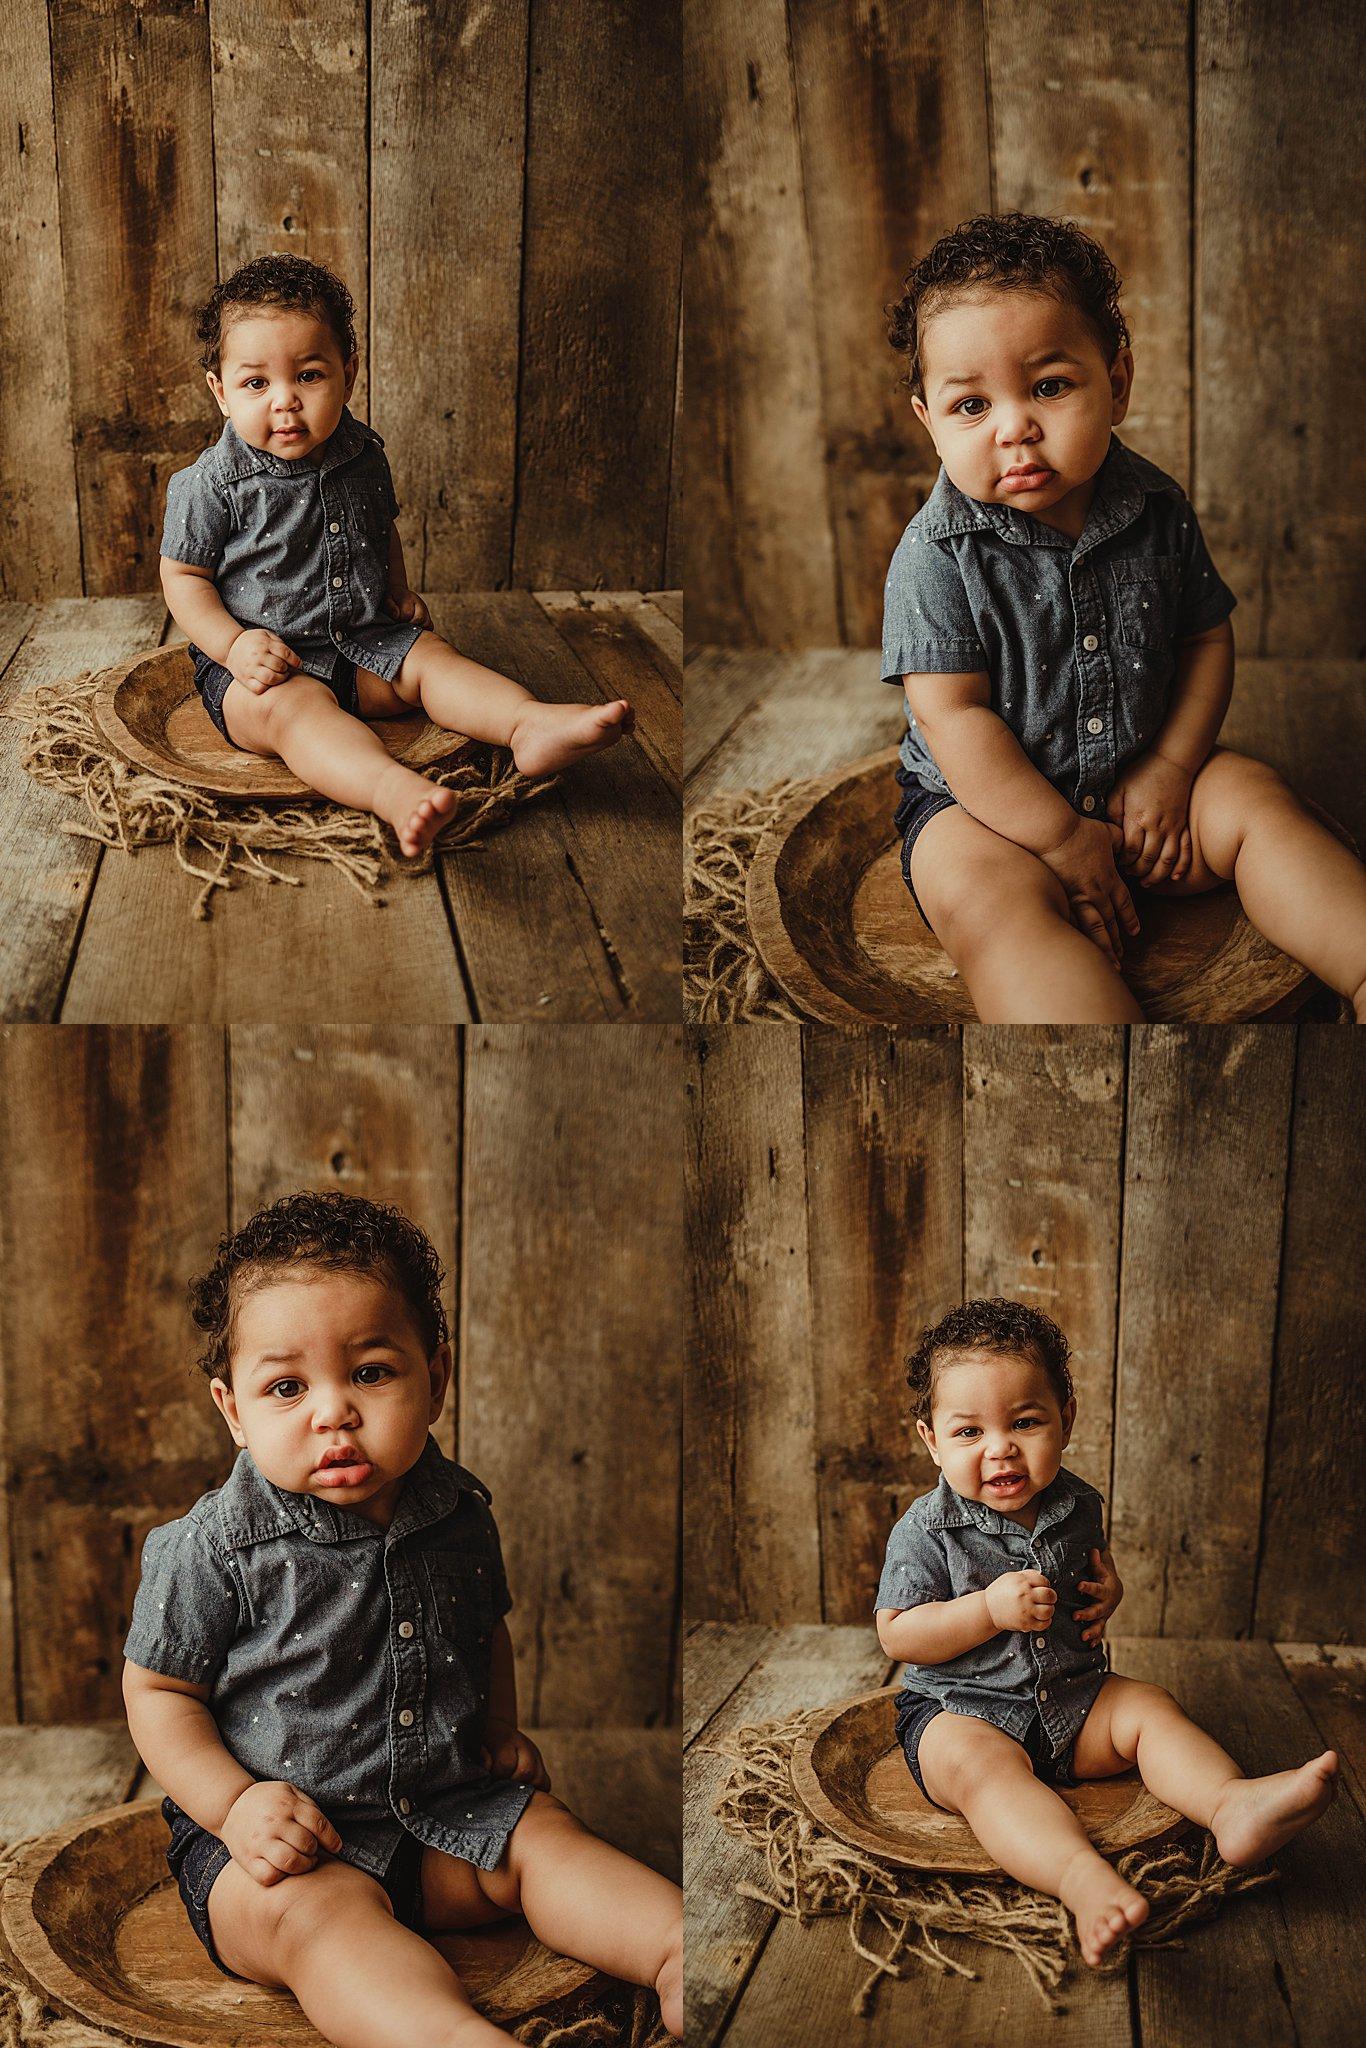 2019-04-17-baby-photographer-lebanon-missouri-studio-1.jpg